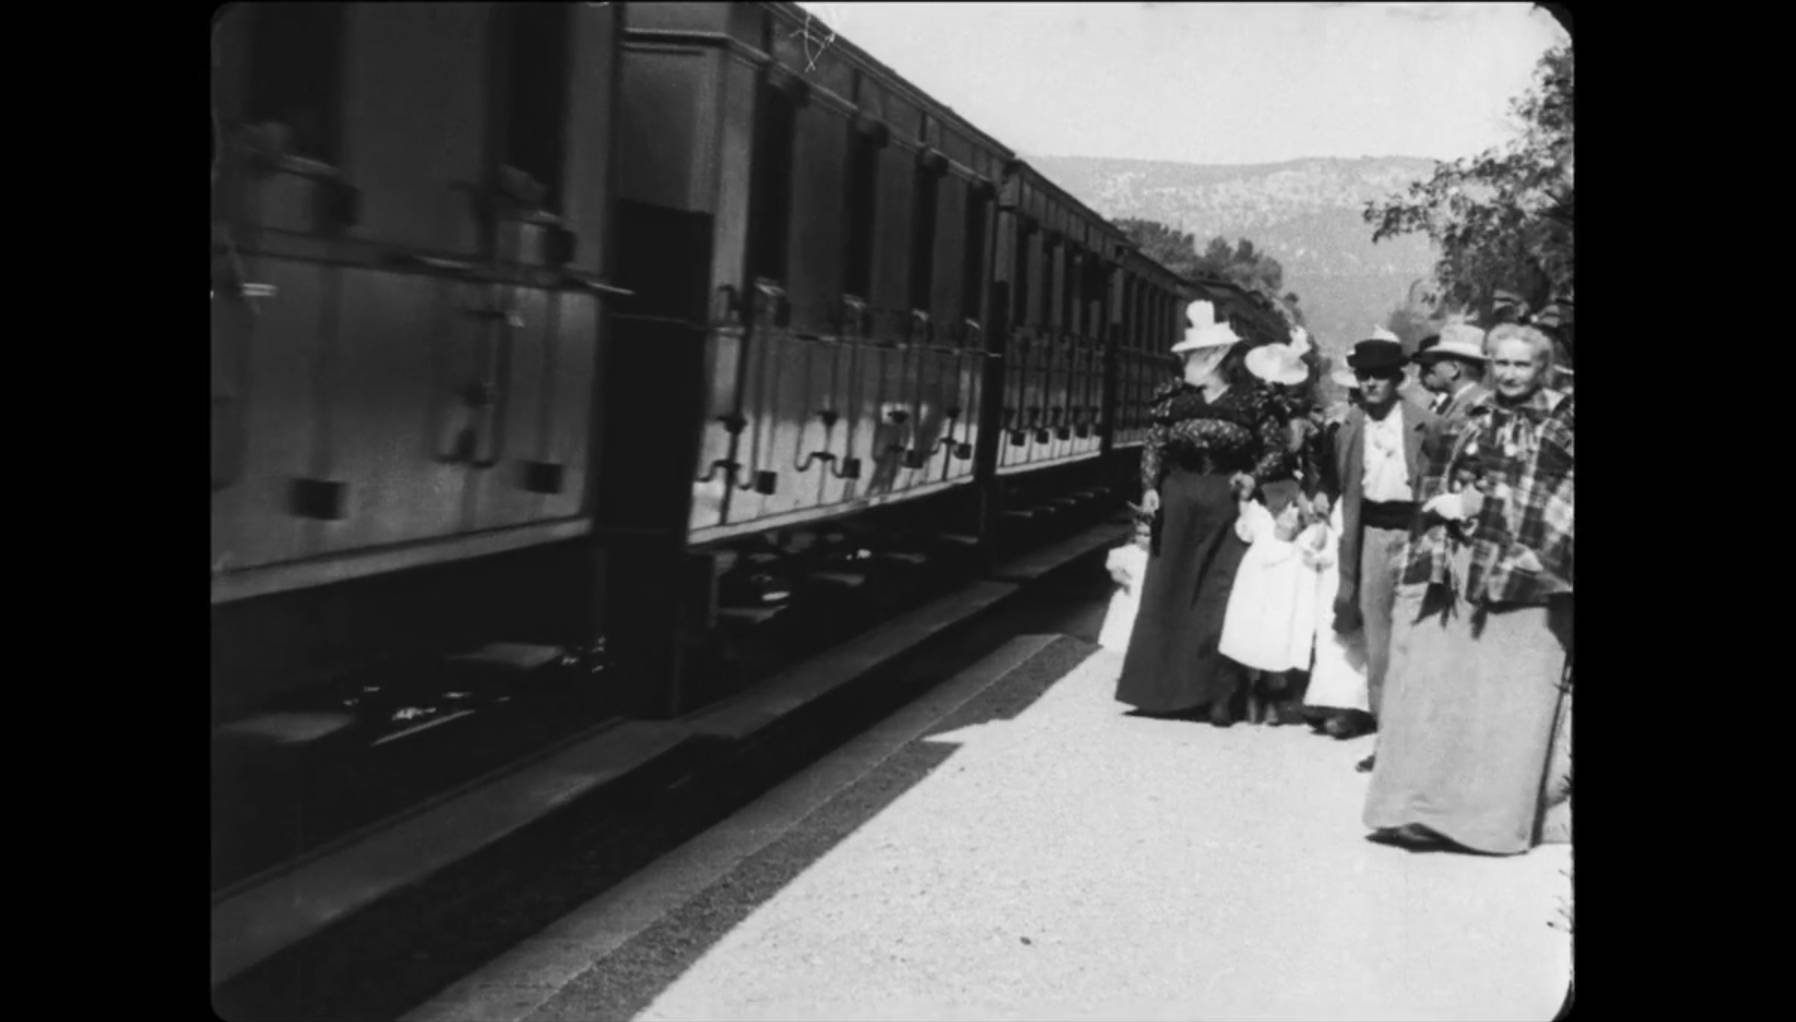 lumiere-train-ciotat